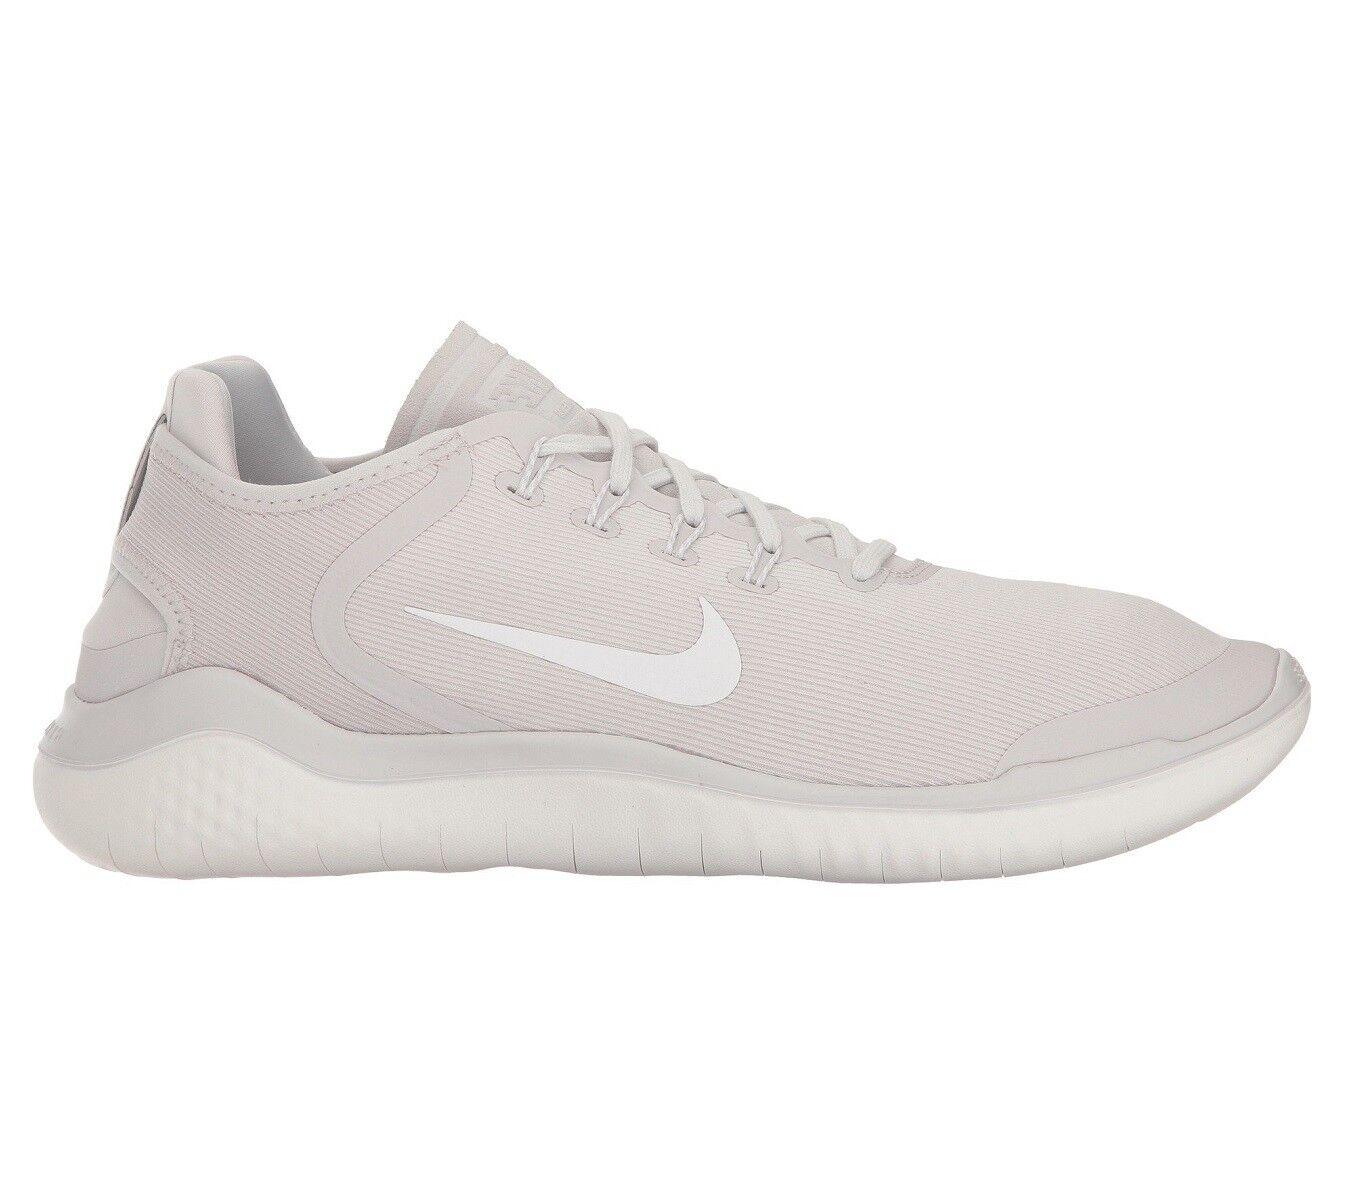 Nike libera nel 2018 sole bianca Uomo ah5207  001 grande grigio bianca  ah5207  8ee7ea